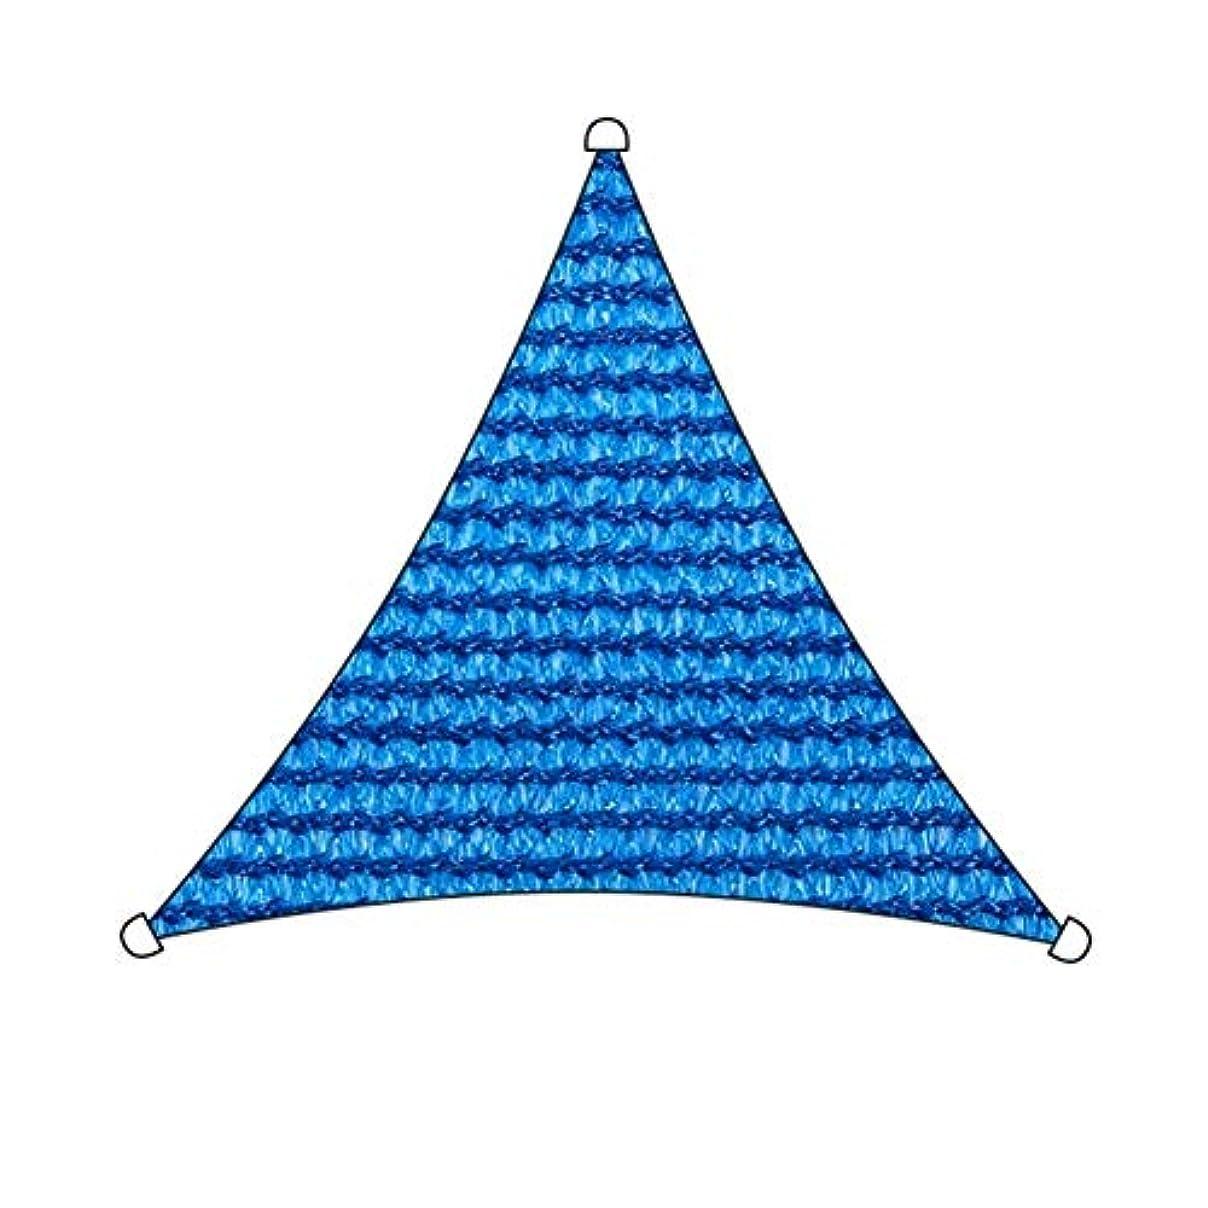 レーザ好ましい学習者日よけの帆90%日よけ、メッシュ 三角形UVブロックシェード、デッキ、プール、カーポート、庭、パティオ、ヤード ZHAOFENGMING (色 : 青, サイズさいず : 3.6×3.6×3.6m)